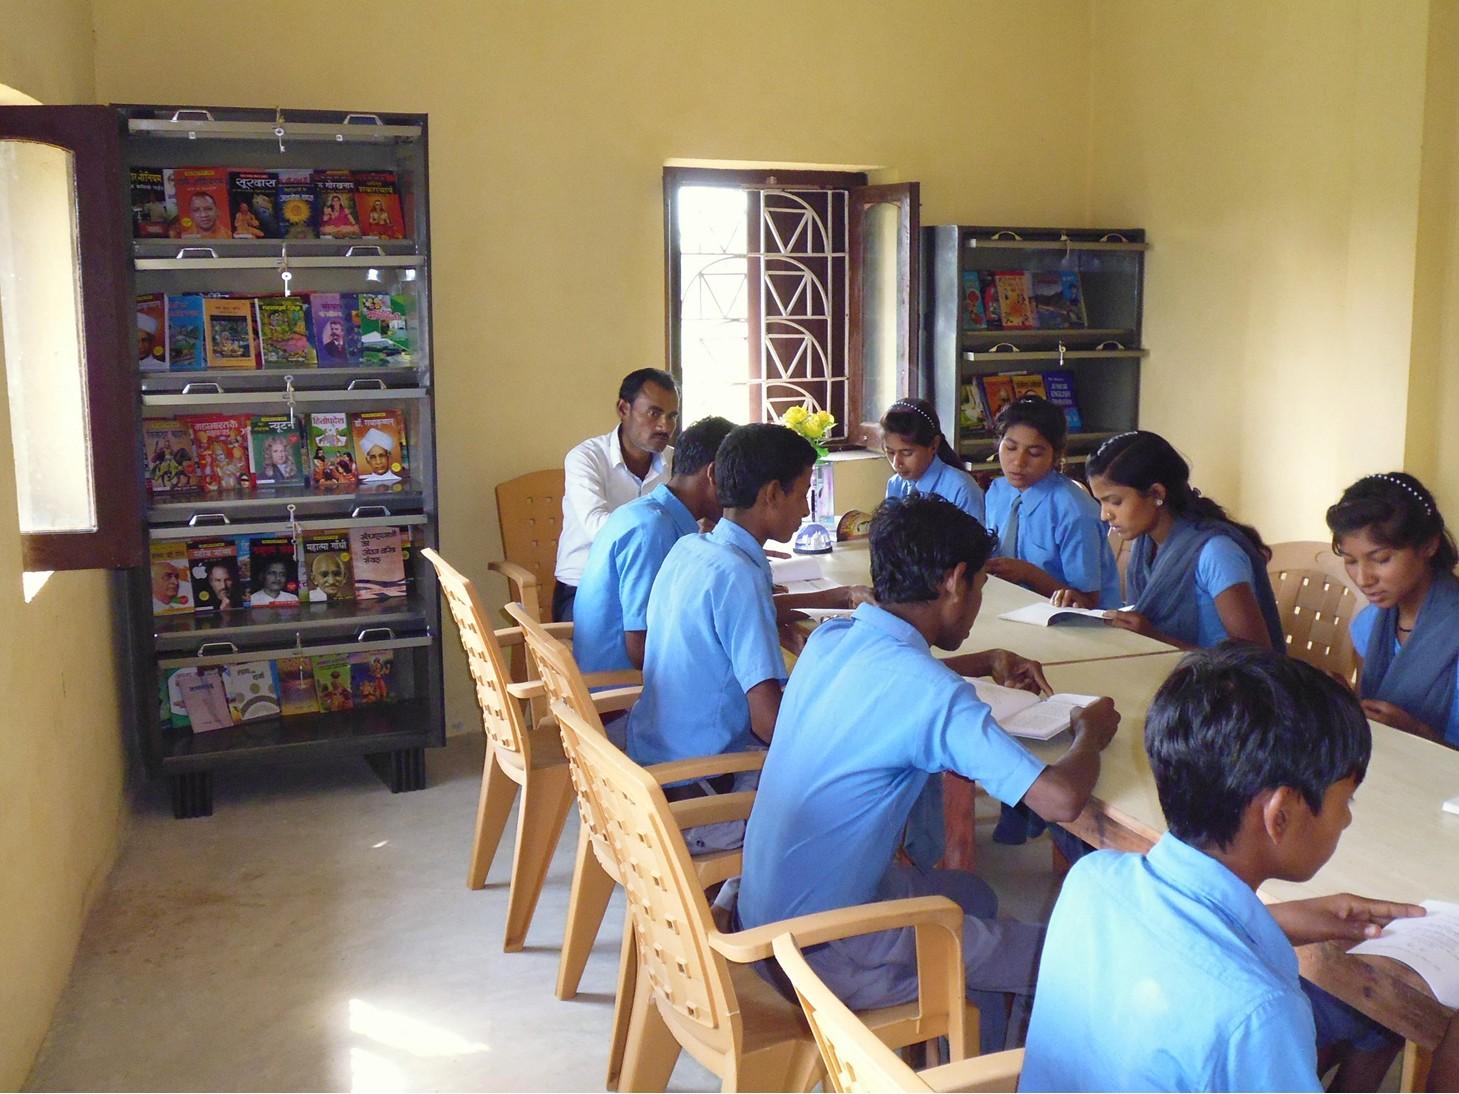 Une école à Bodh Gaya 2018 - bibliothèque